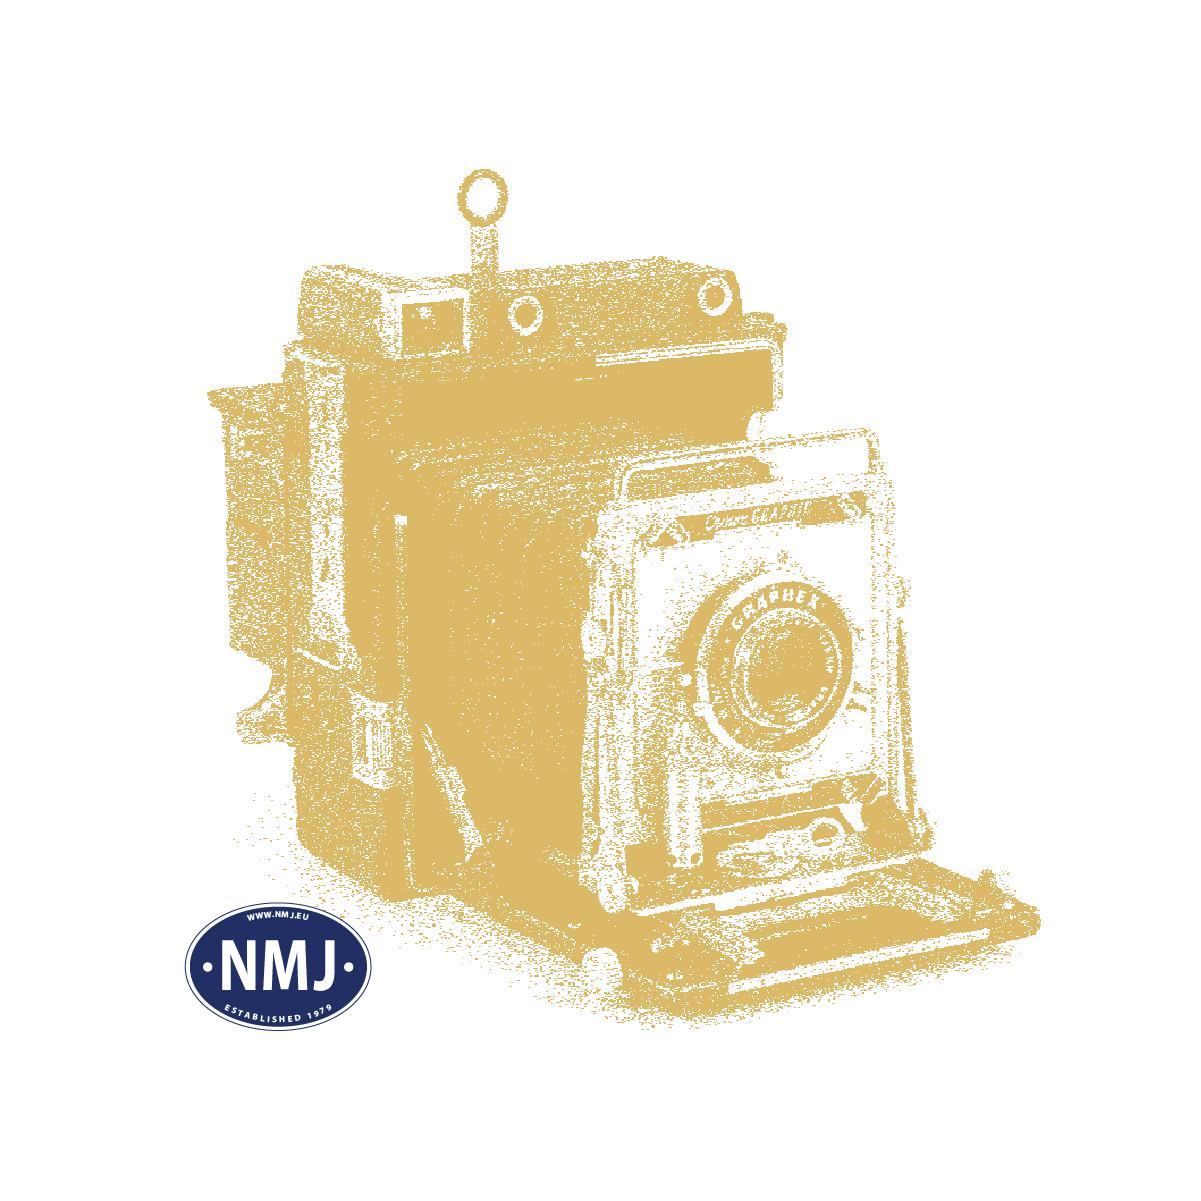 NMJT405.102 - NMJ Topline MAV Bcmz 50-91 100-7, couchette